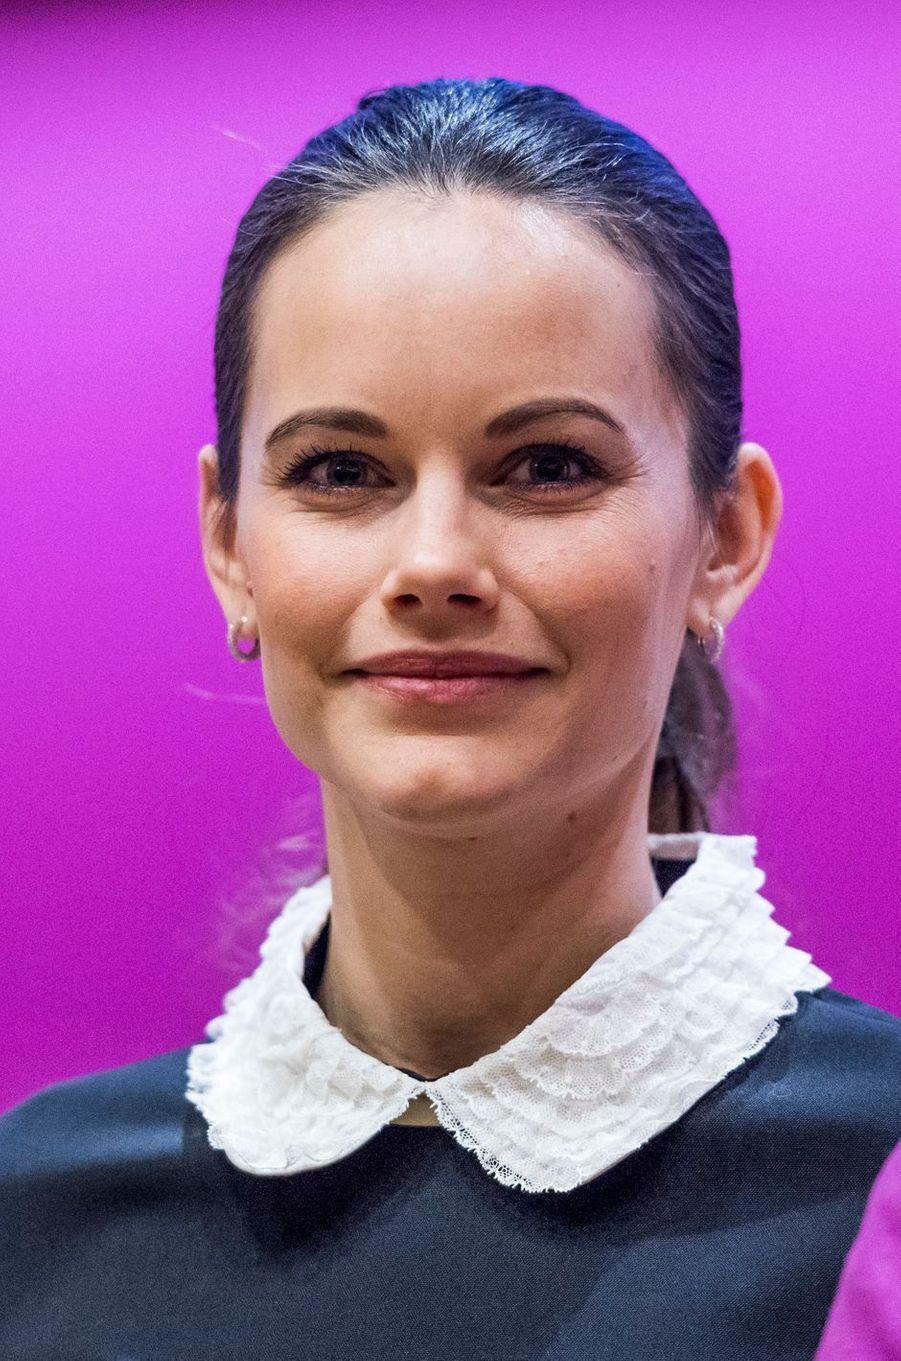 La princesse Sofia de Suède, née Hellqvist, à Solna, le 6 décembre 2016, jour de ses 32 ans